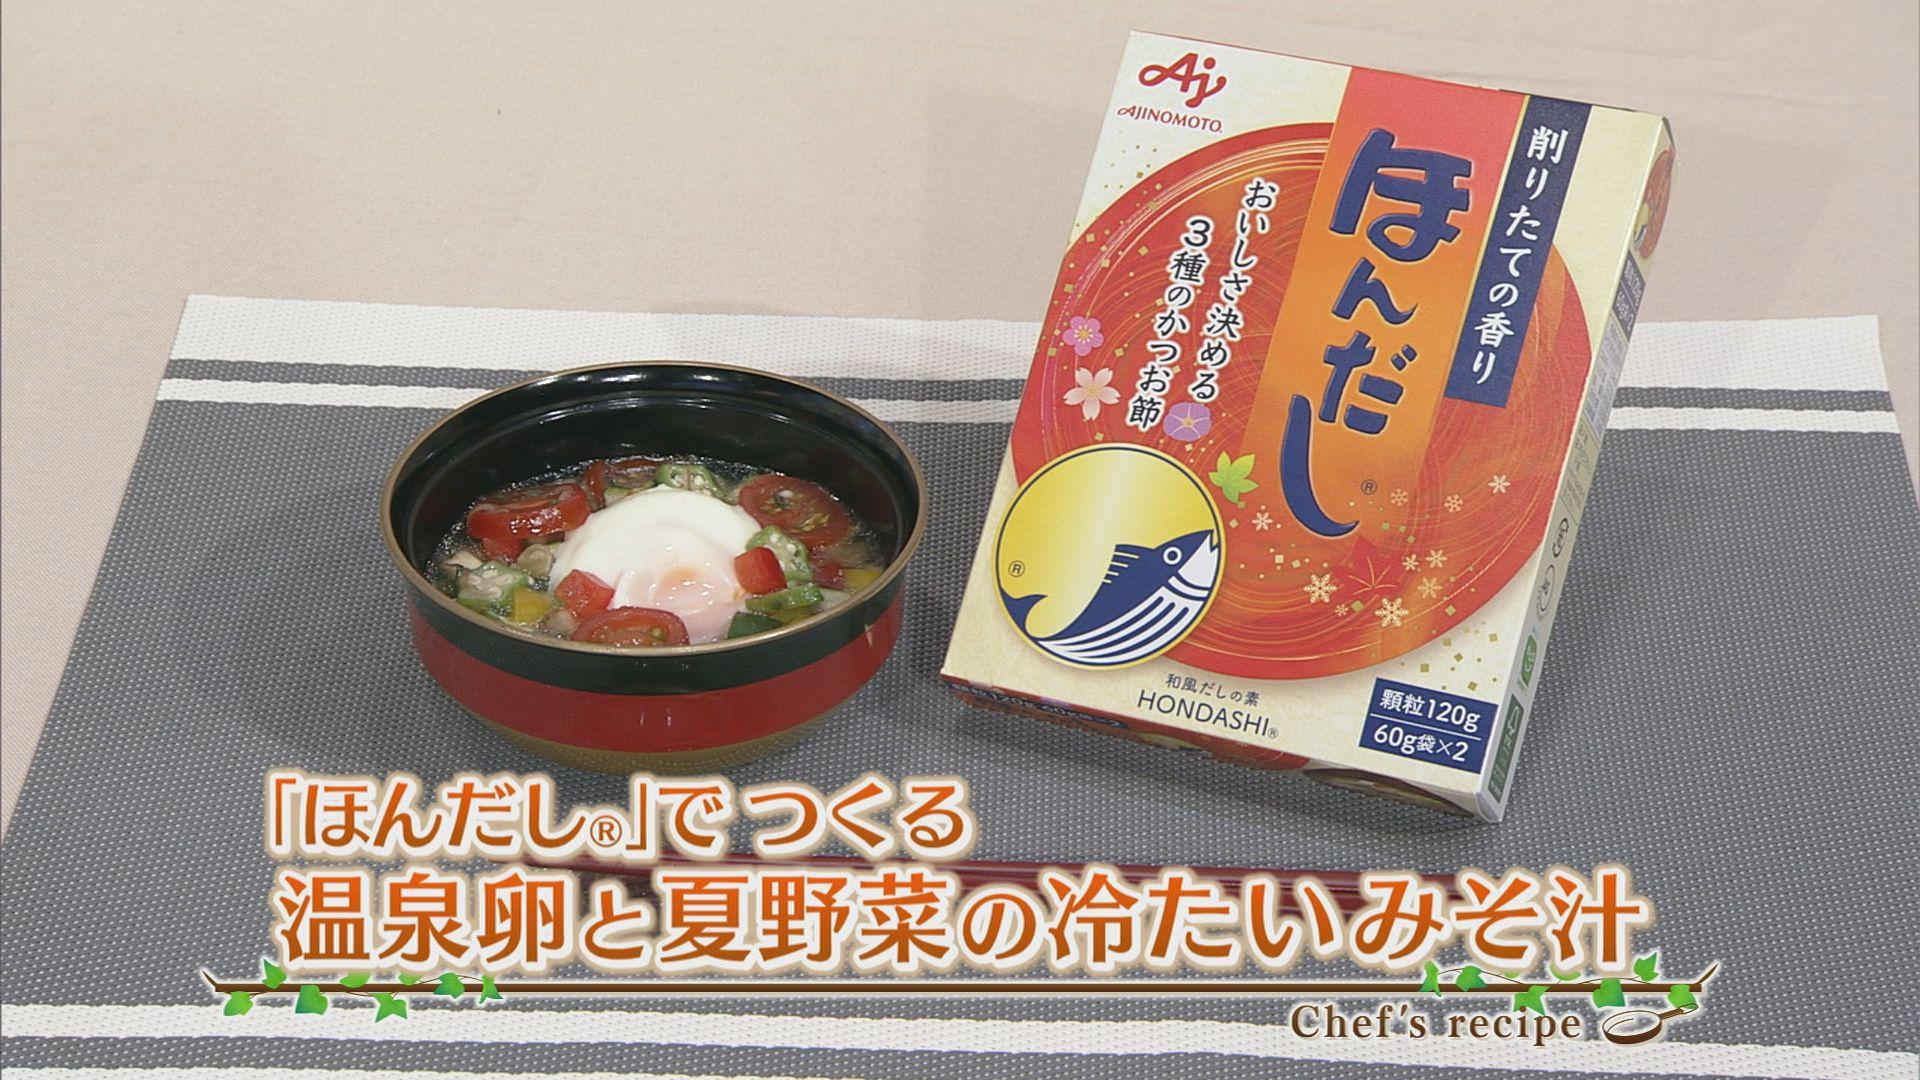 えび☆ステ【シェフズレシピ】温泉卵と夏野菜の冷たい味噌汁 by岸紀雄